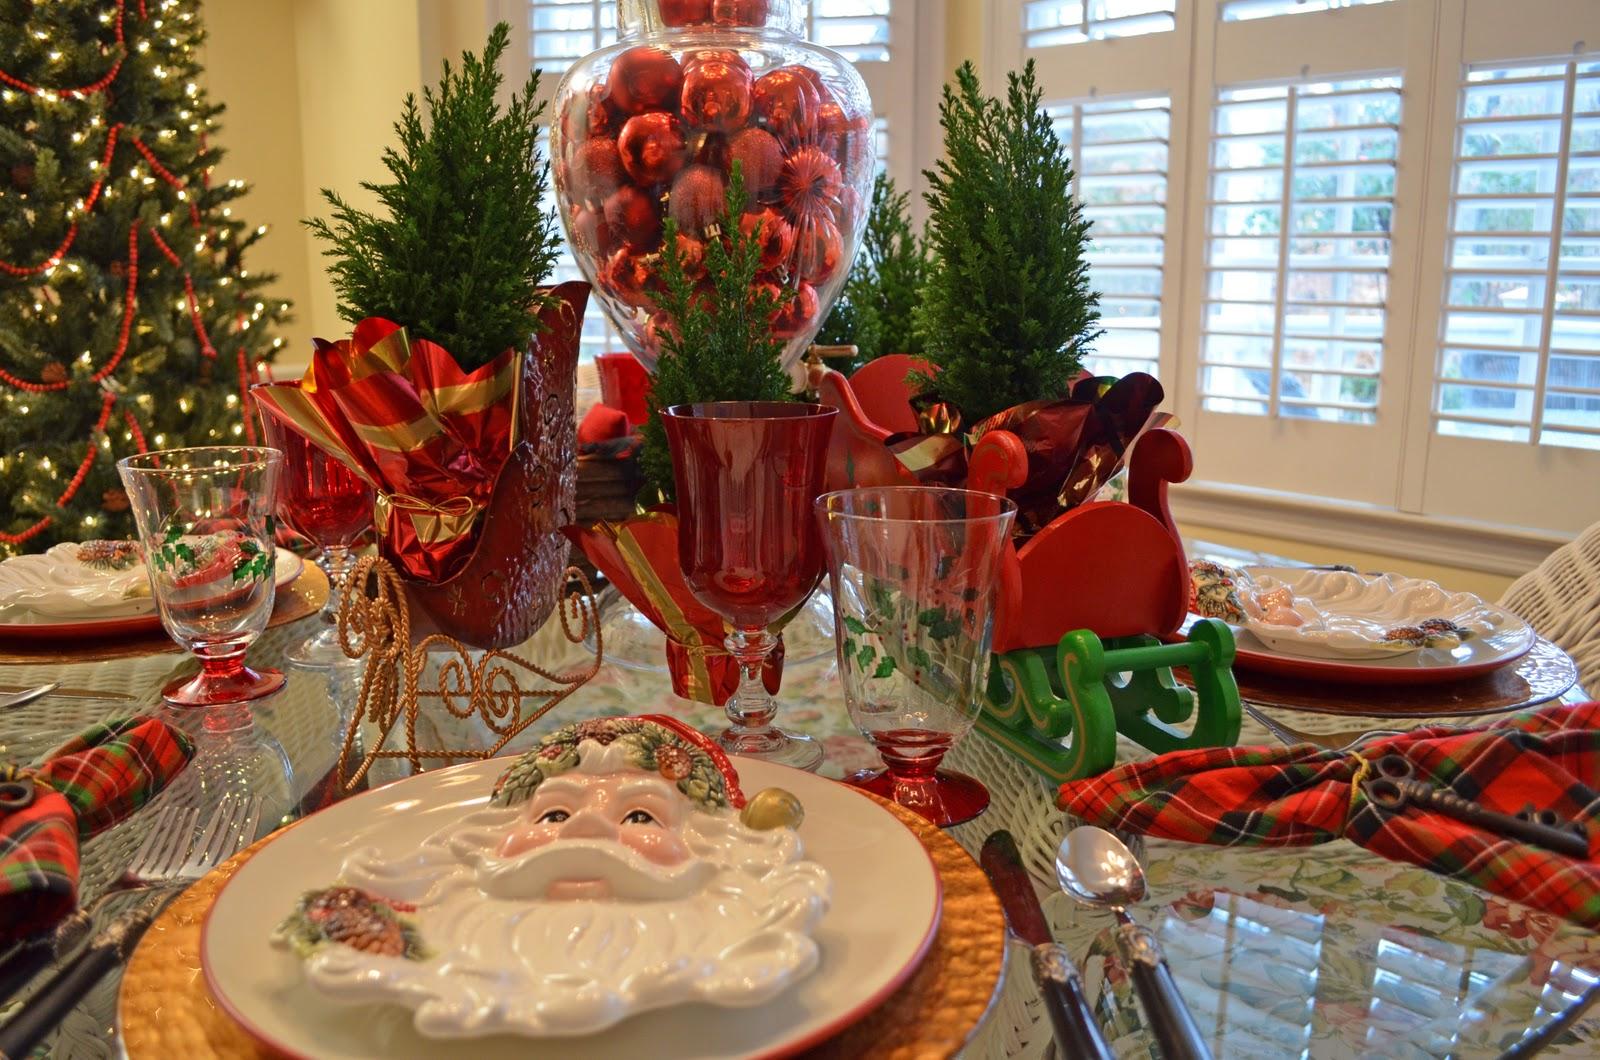 Christmas Plates For Santa